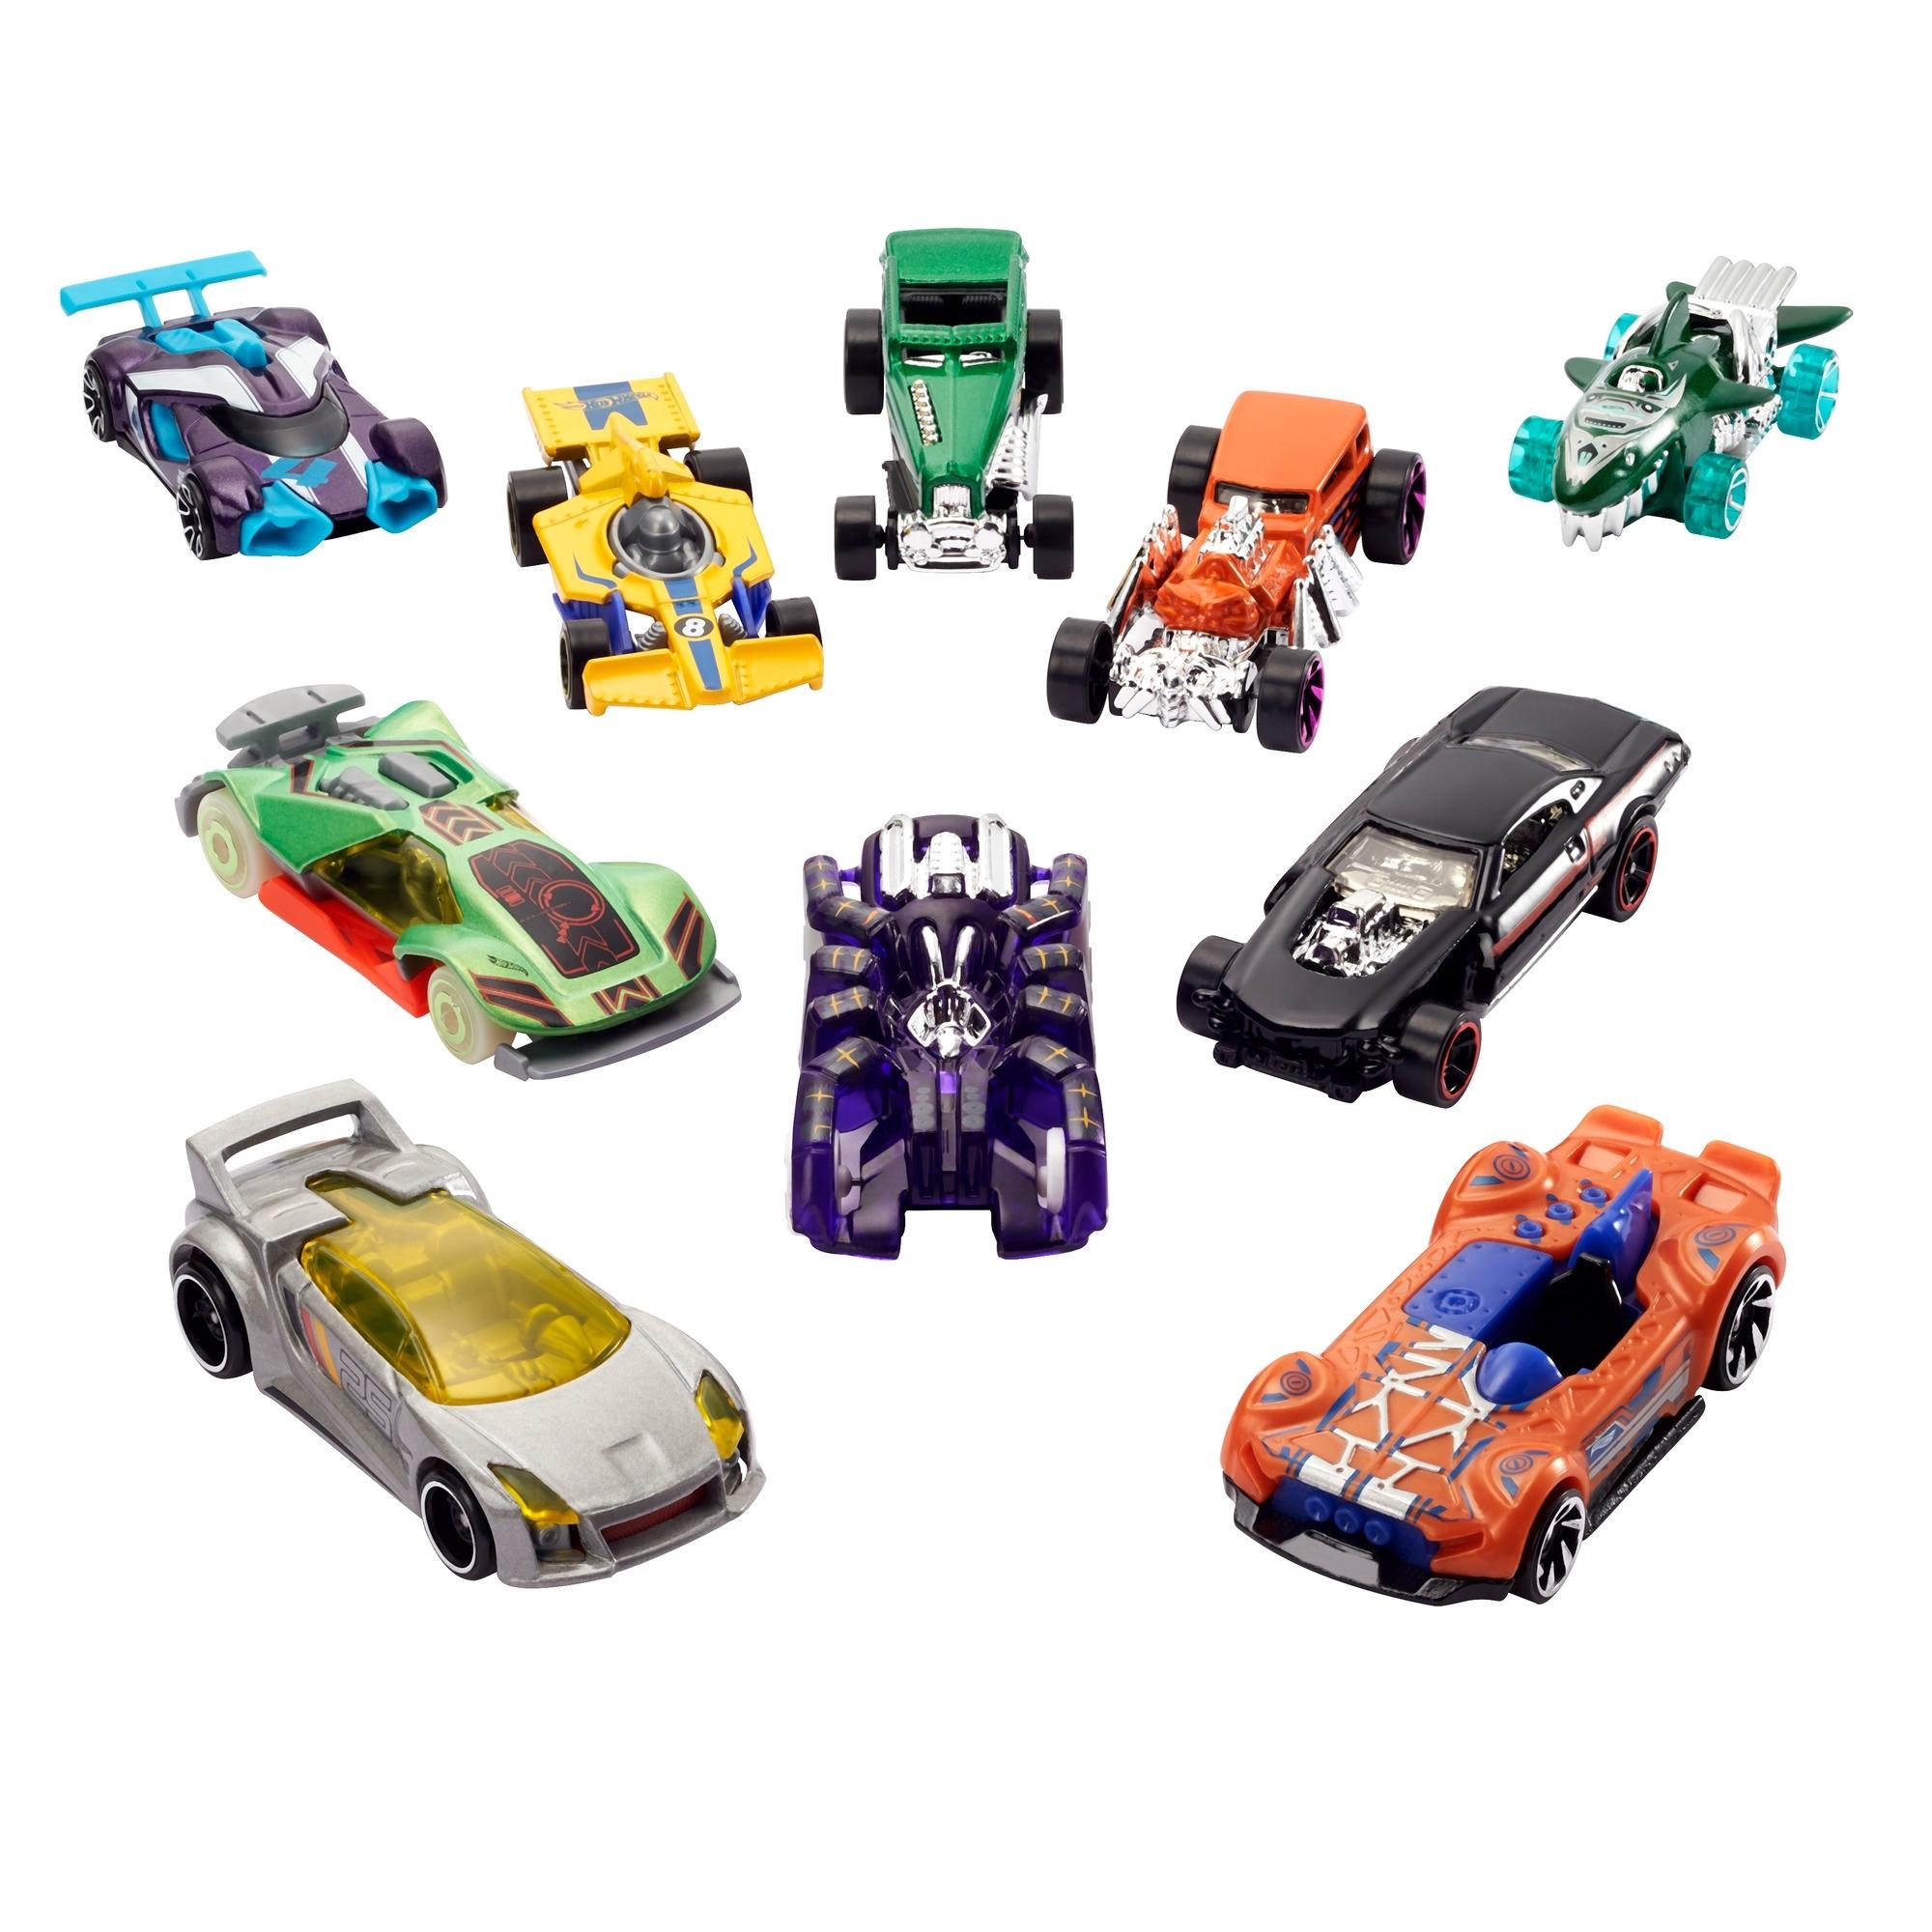 Hot Wheels: Samochodziki nagrody - zestaw motywujący (GWN97)